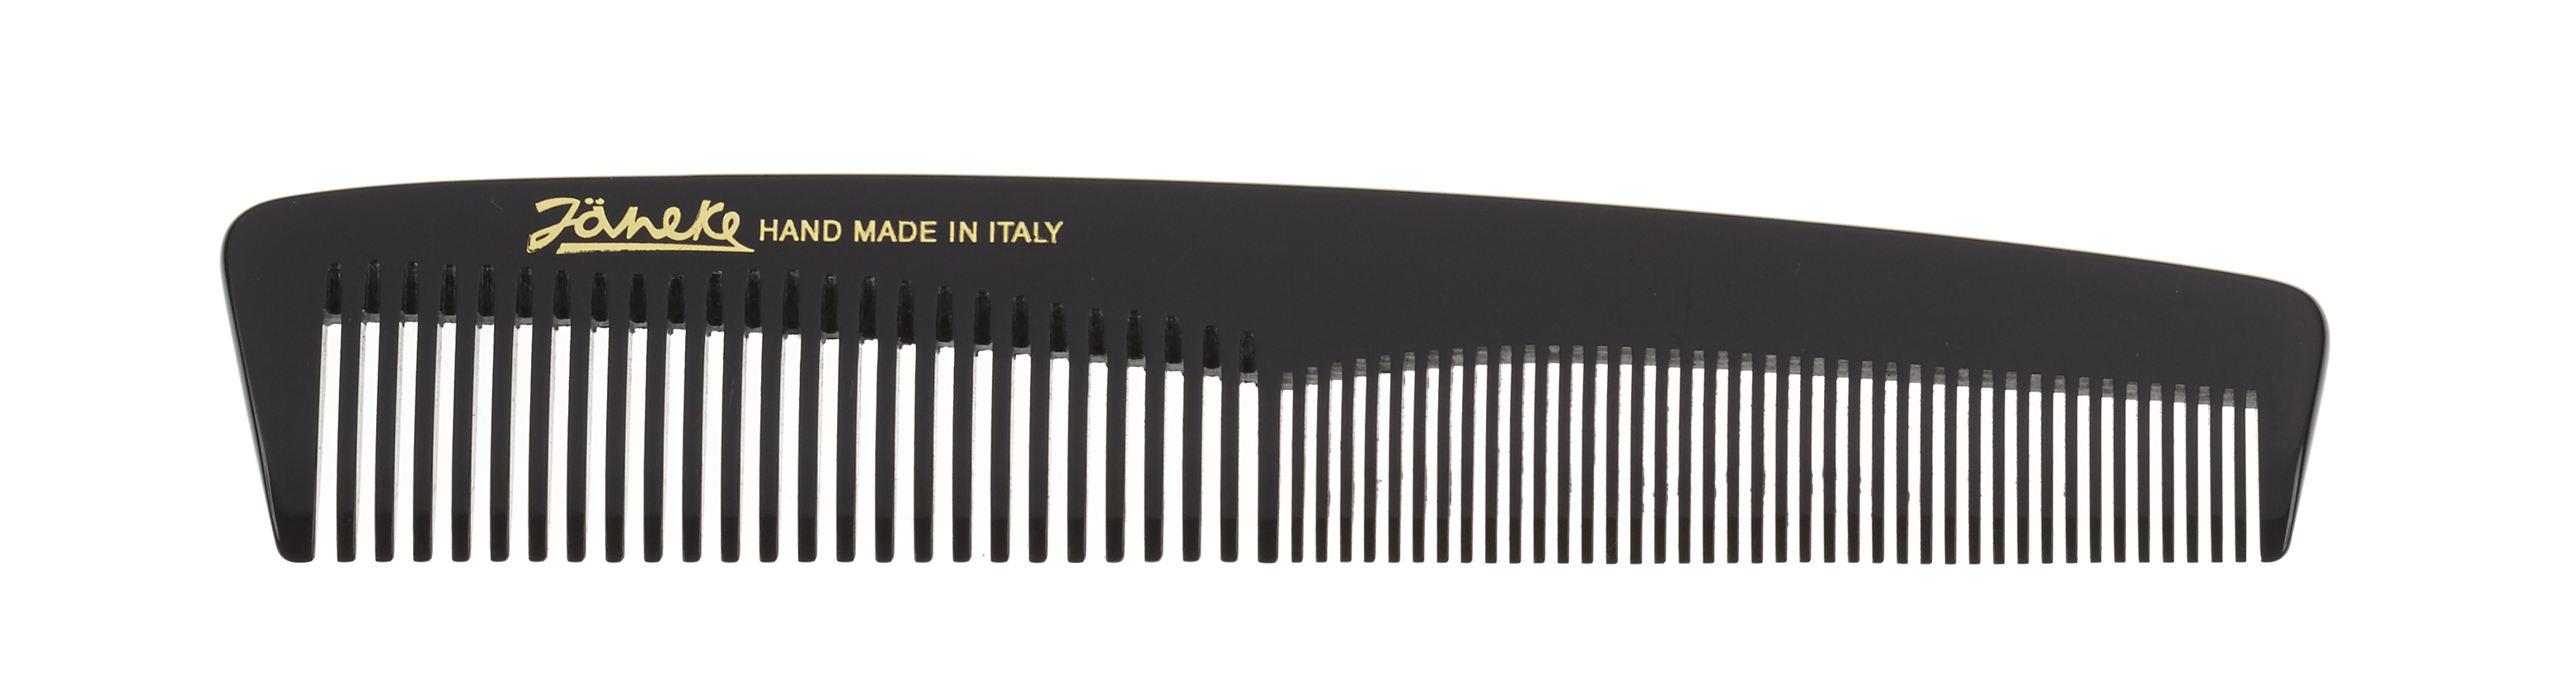 Black toilette comb Cod. 24152